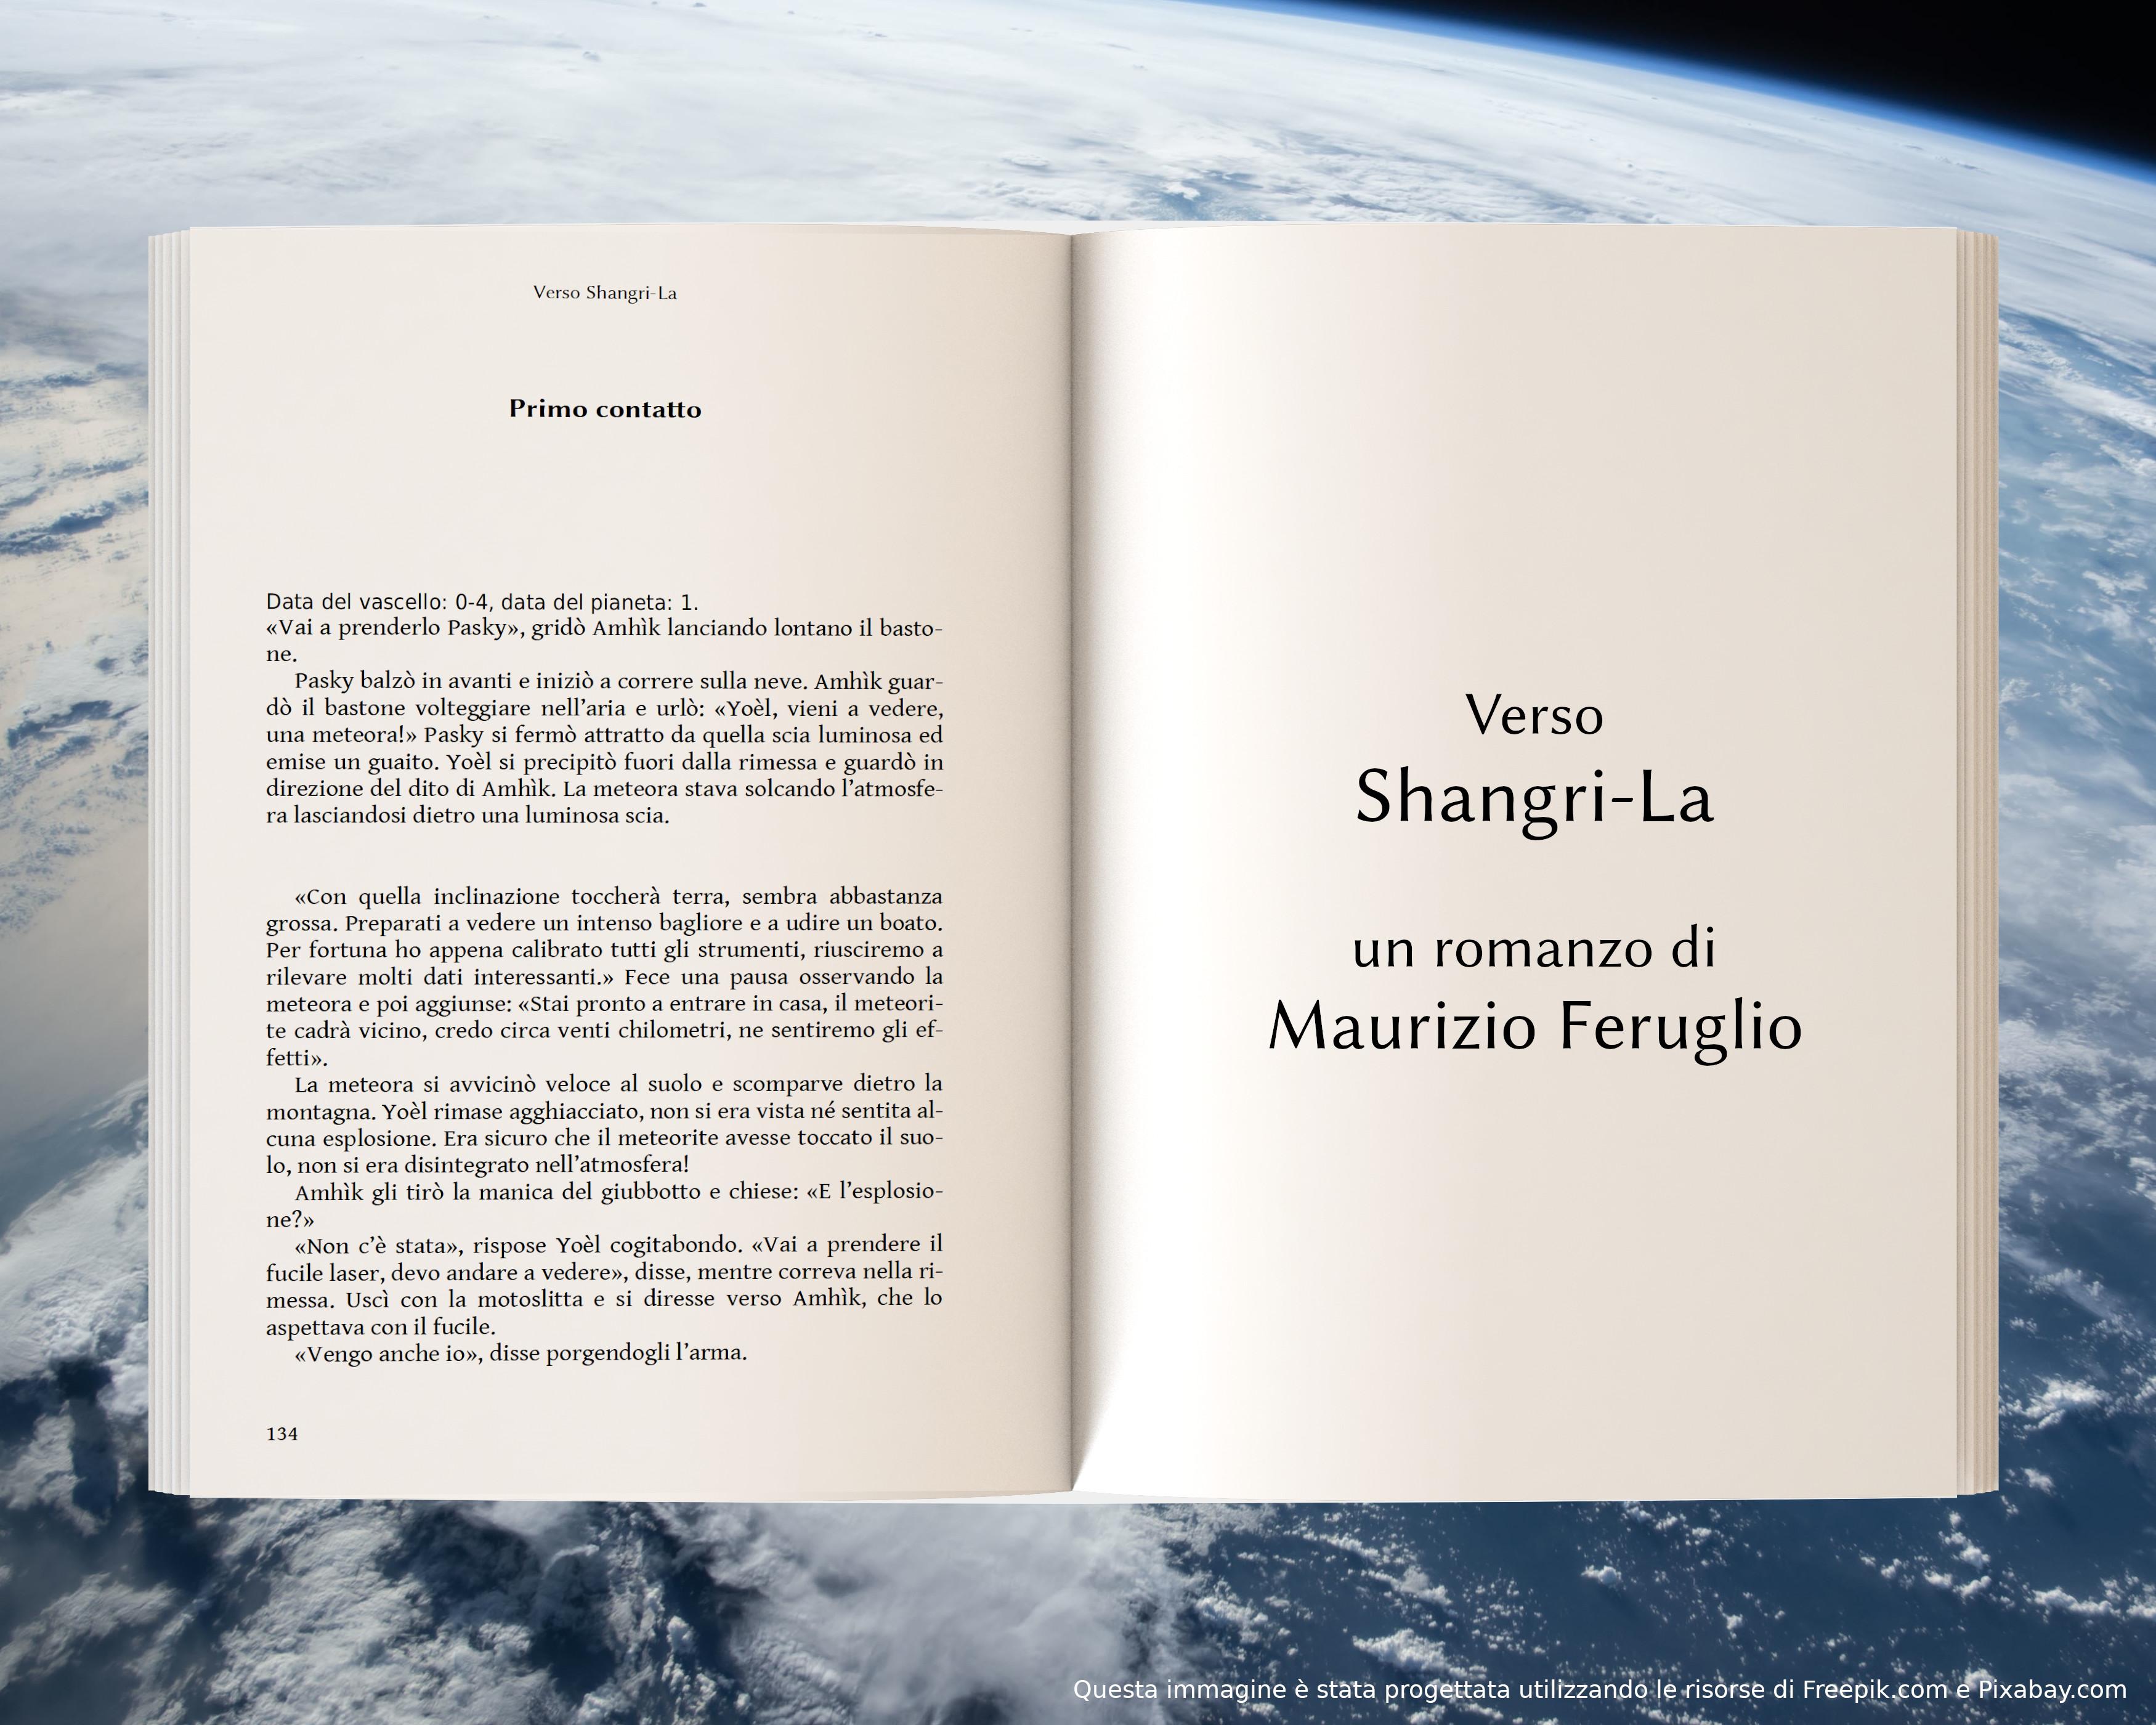 Primo contatto - anteprima di Verso Shangri-La di Maurizio Feruglio